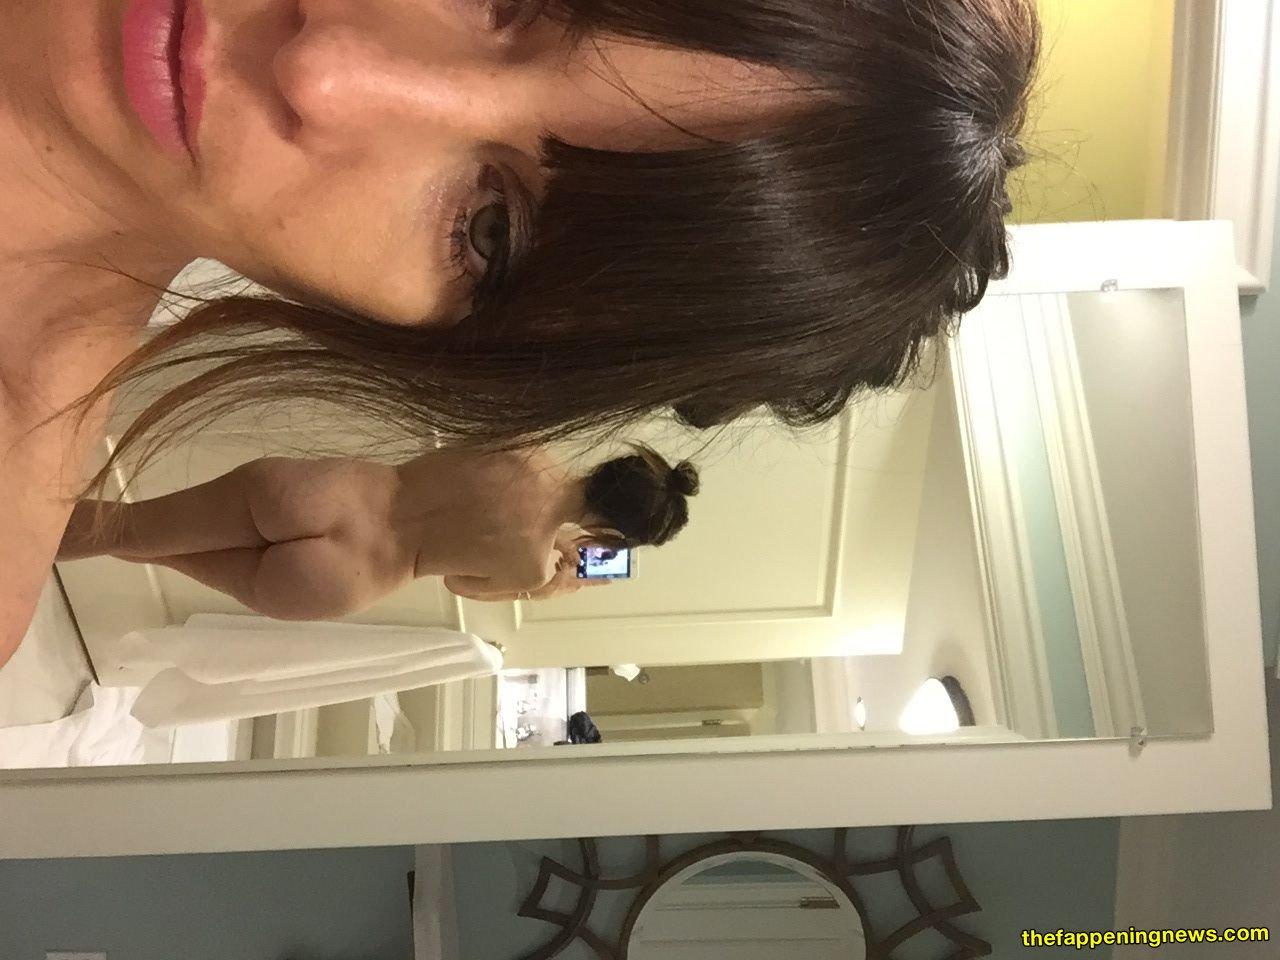 Natasha leggero nude